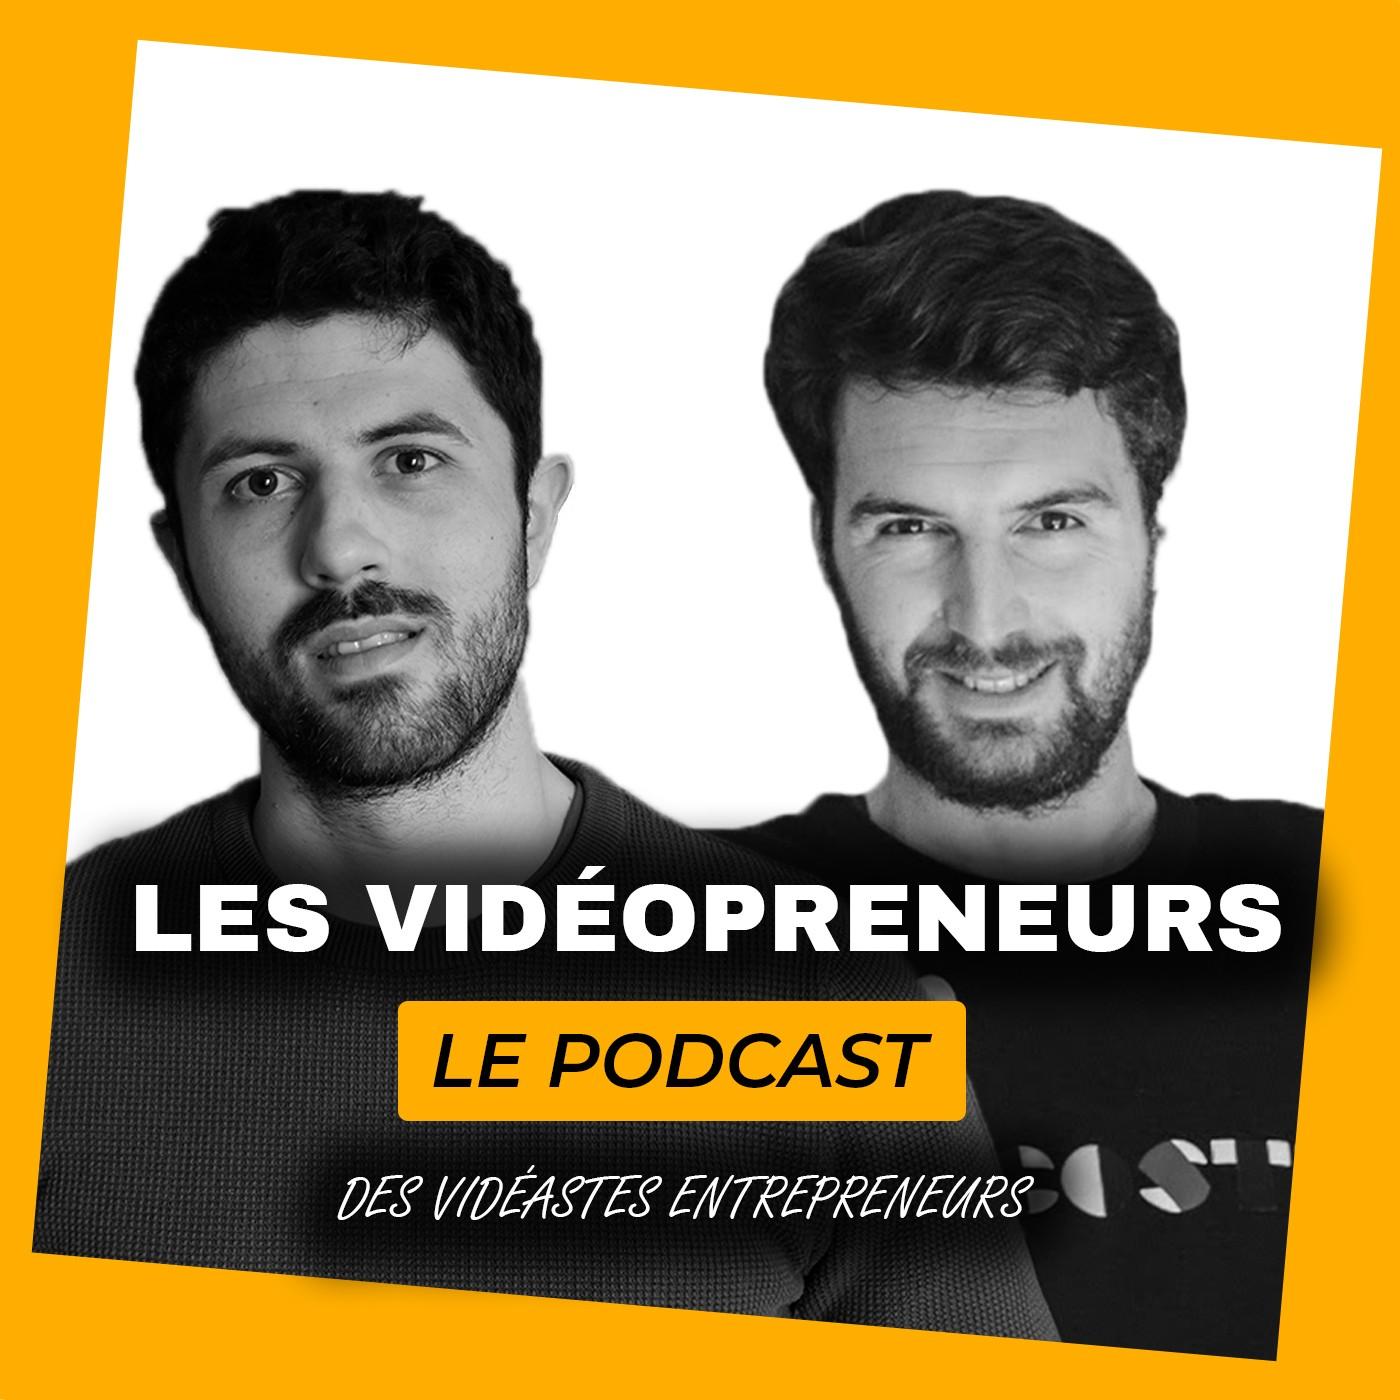 Les Vidéopreneurs - Le Podcast des vidéastes entrepreneurs.